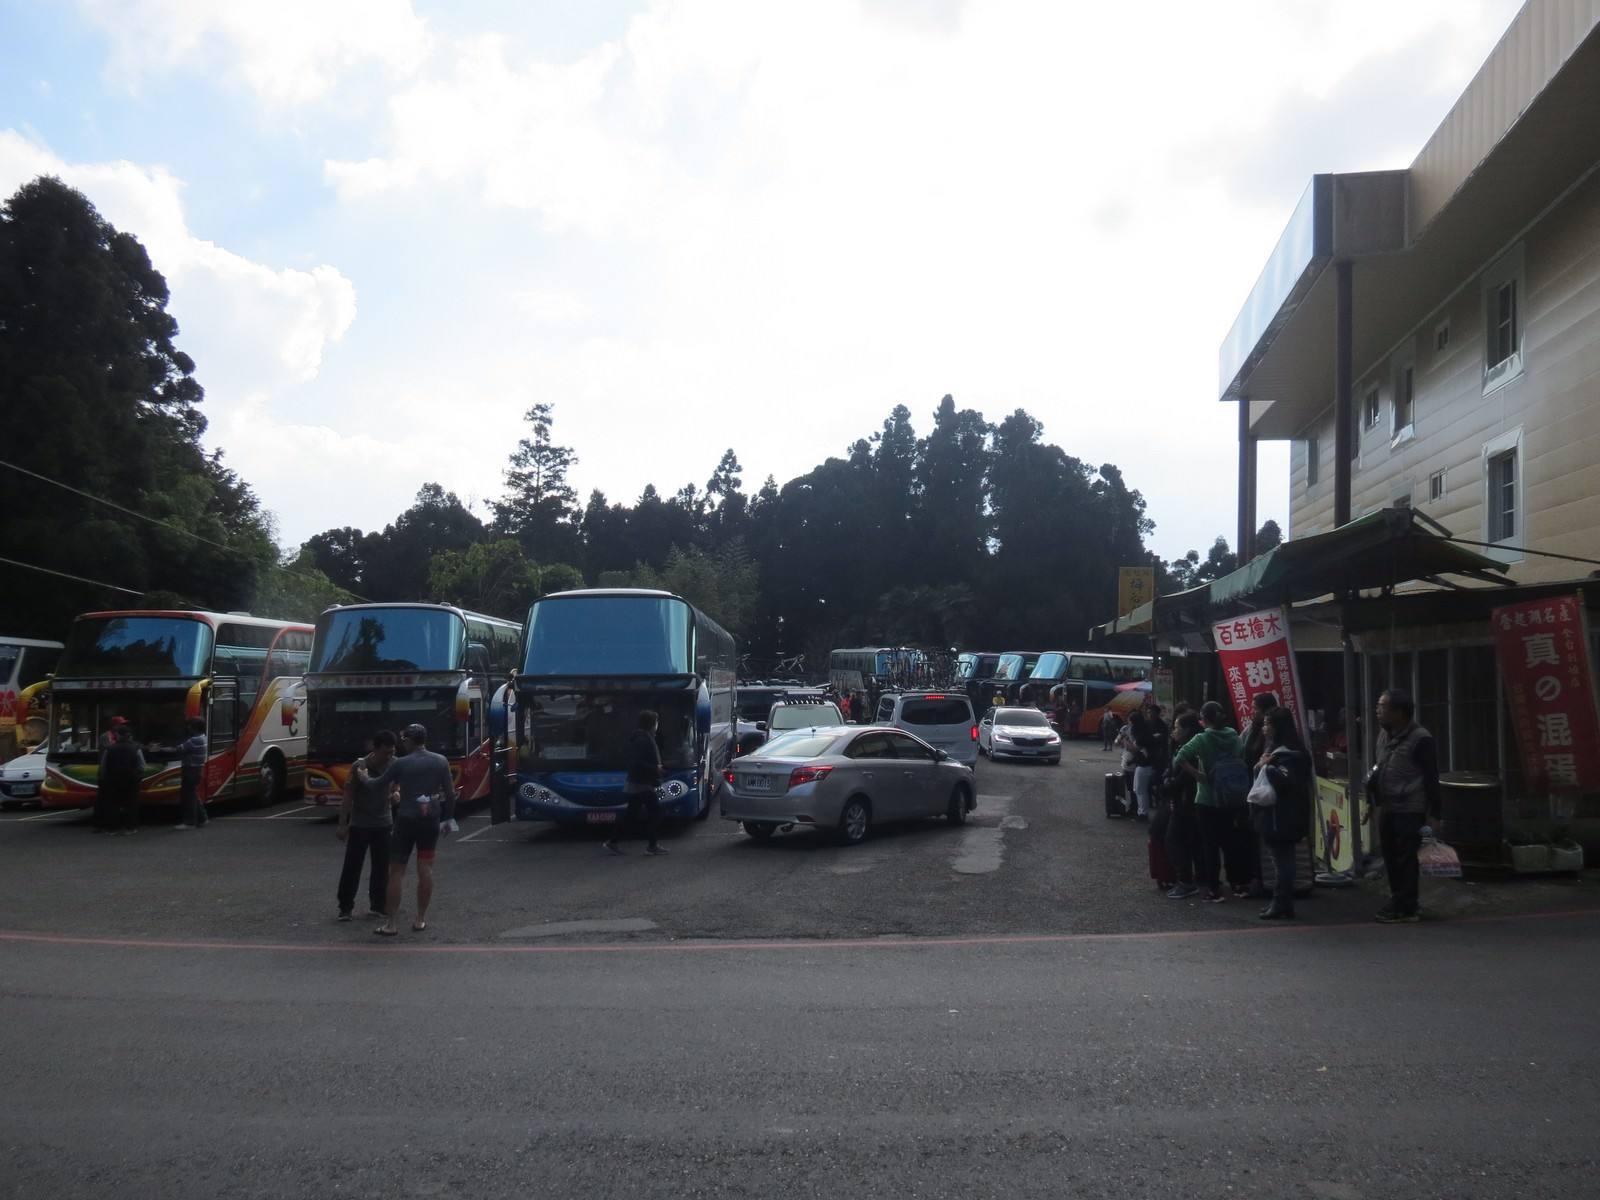 阿里山國家風景區, 大眾運輸交通介紹, 台灣好行奮起湖乘車處